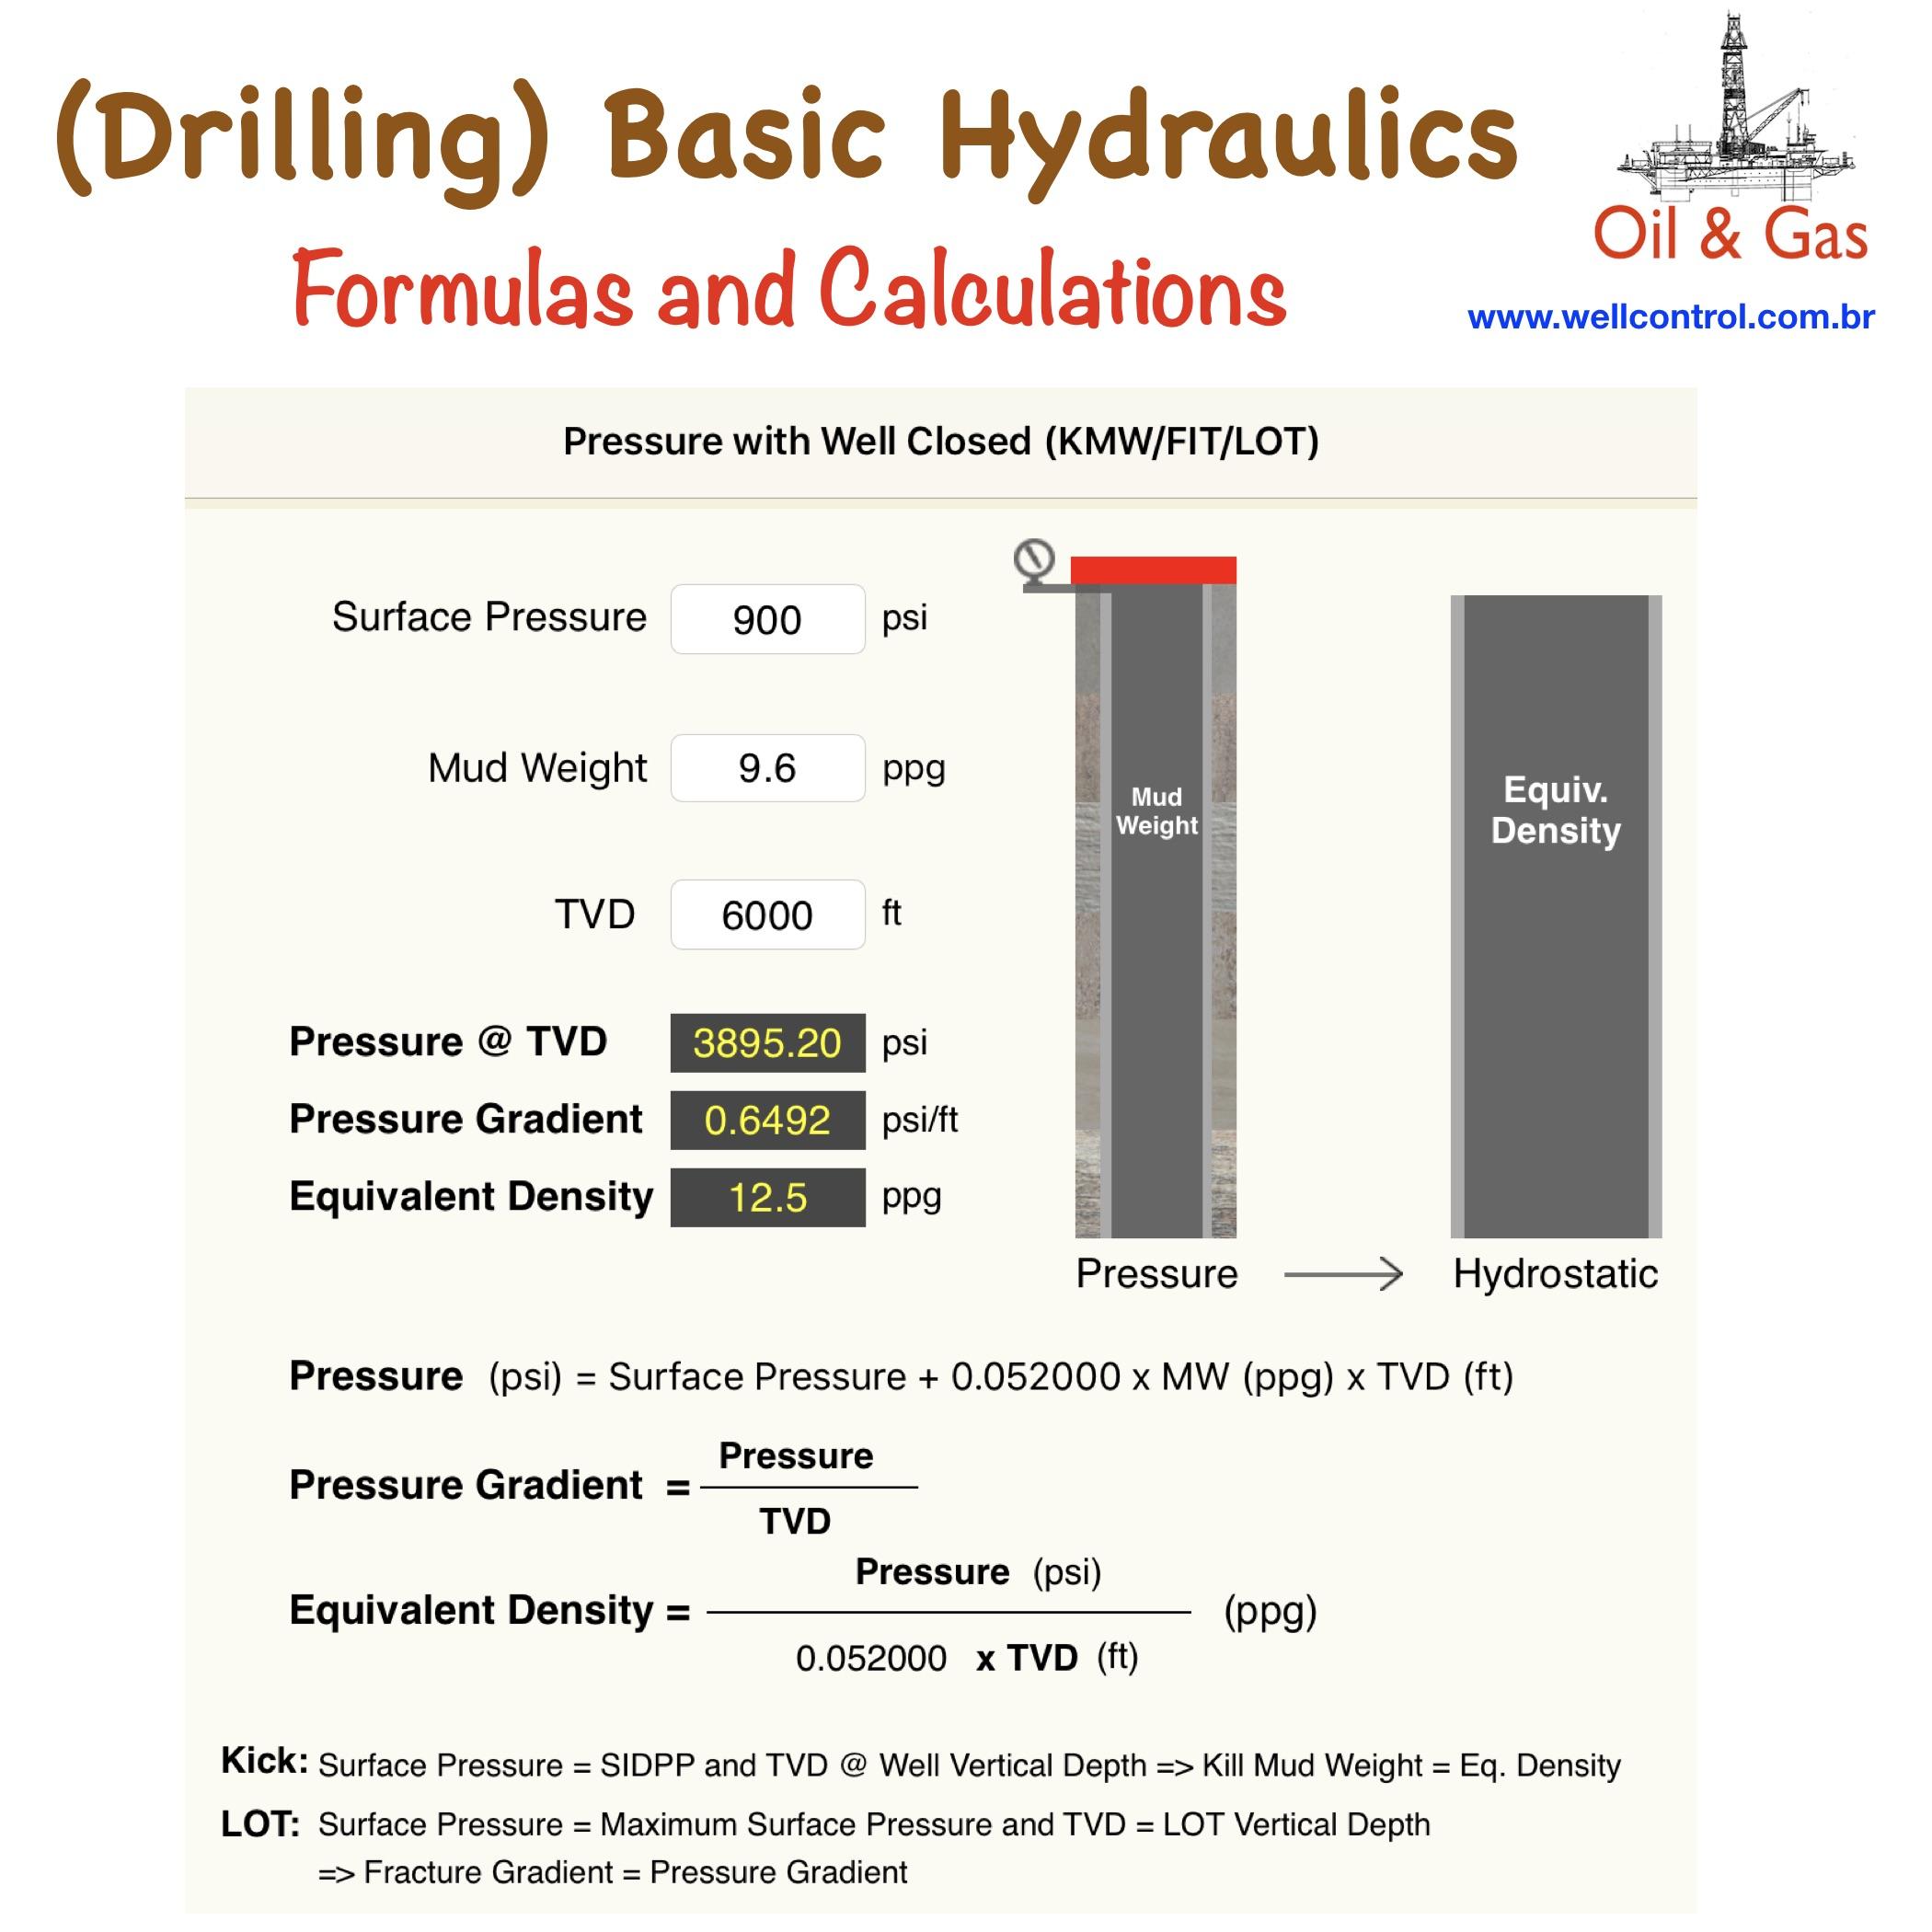 hydraulics_21_09